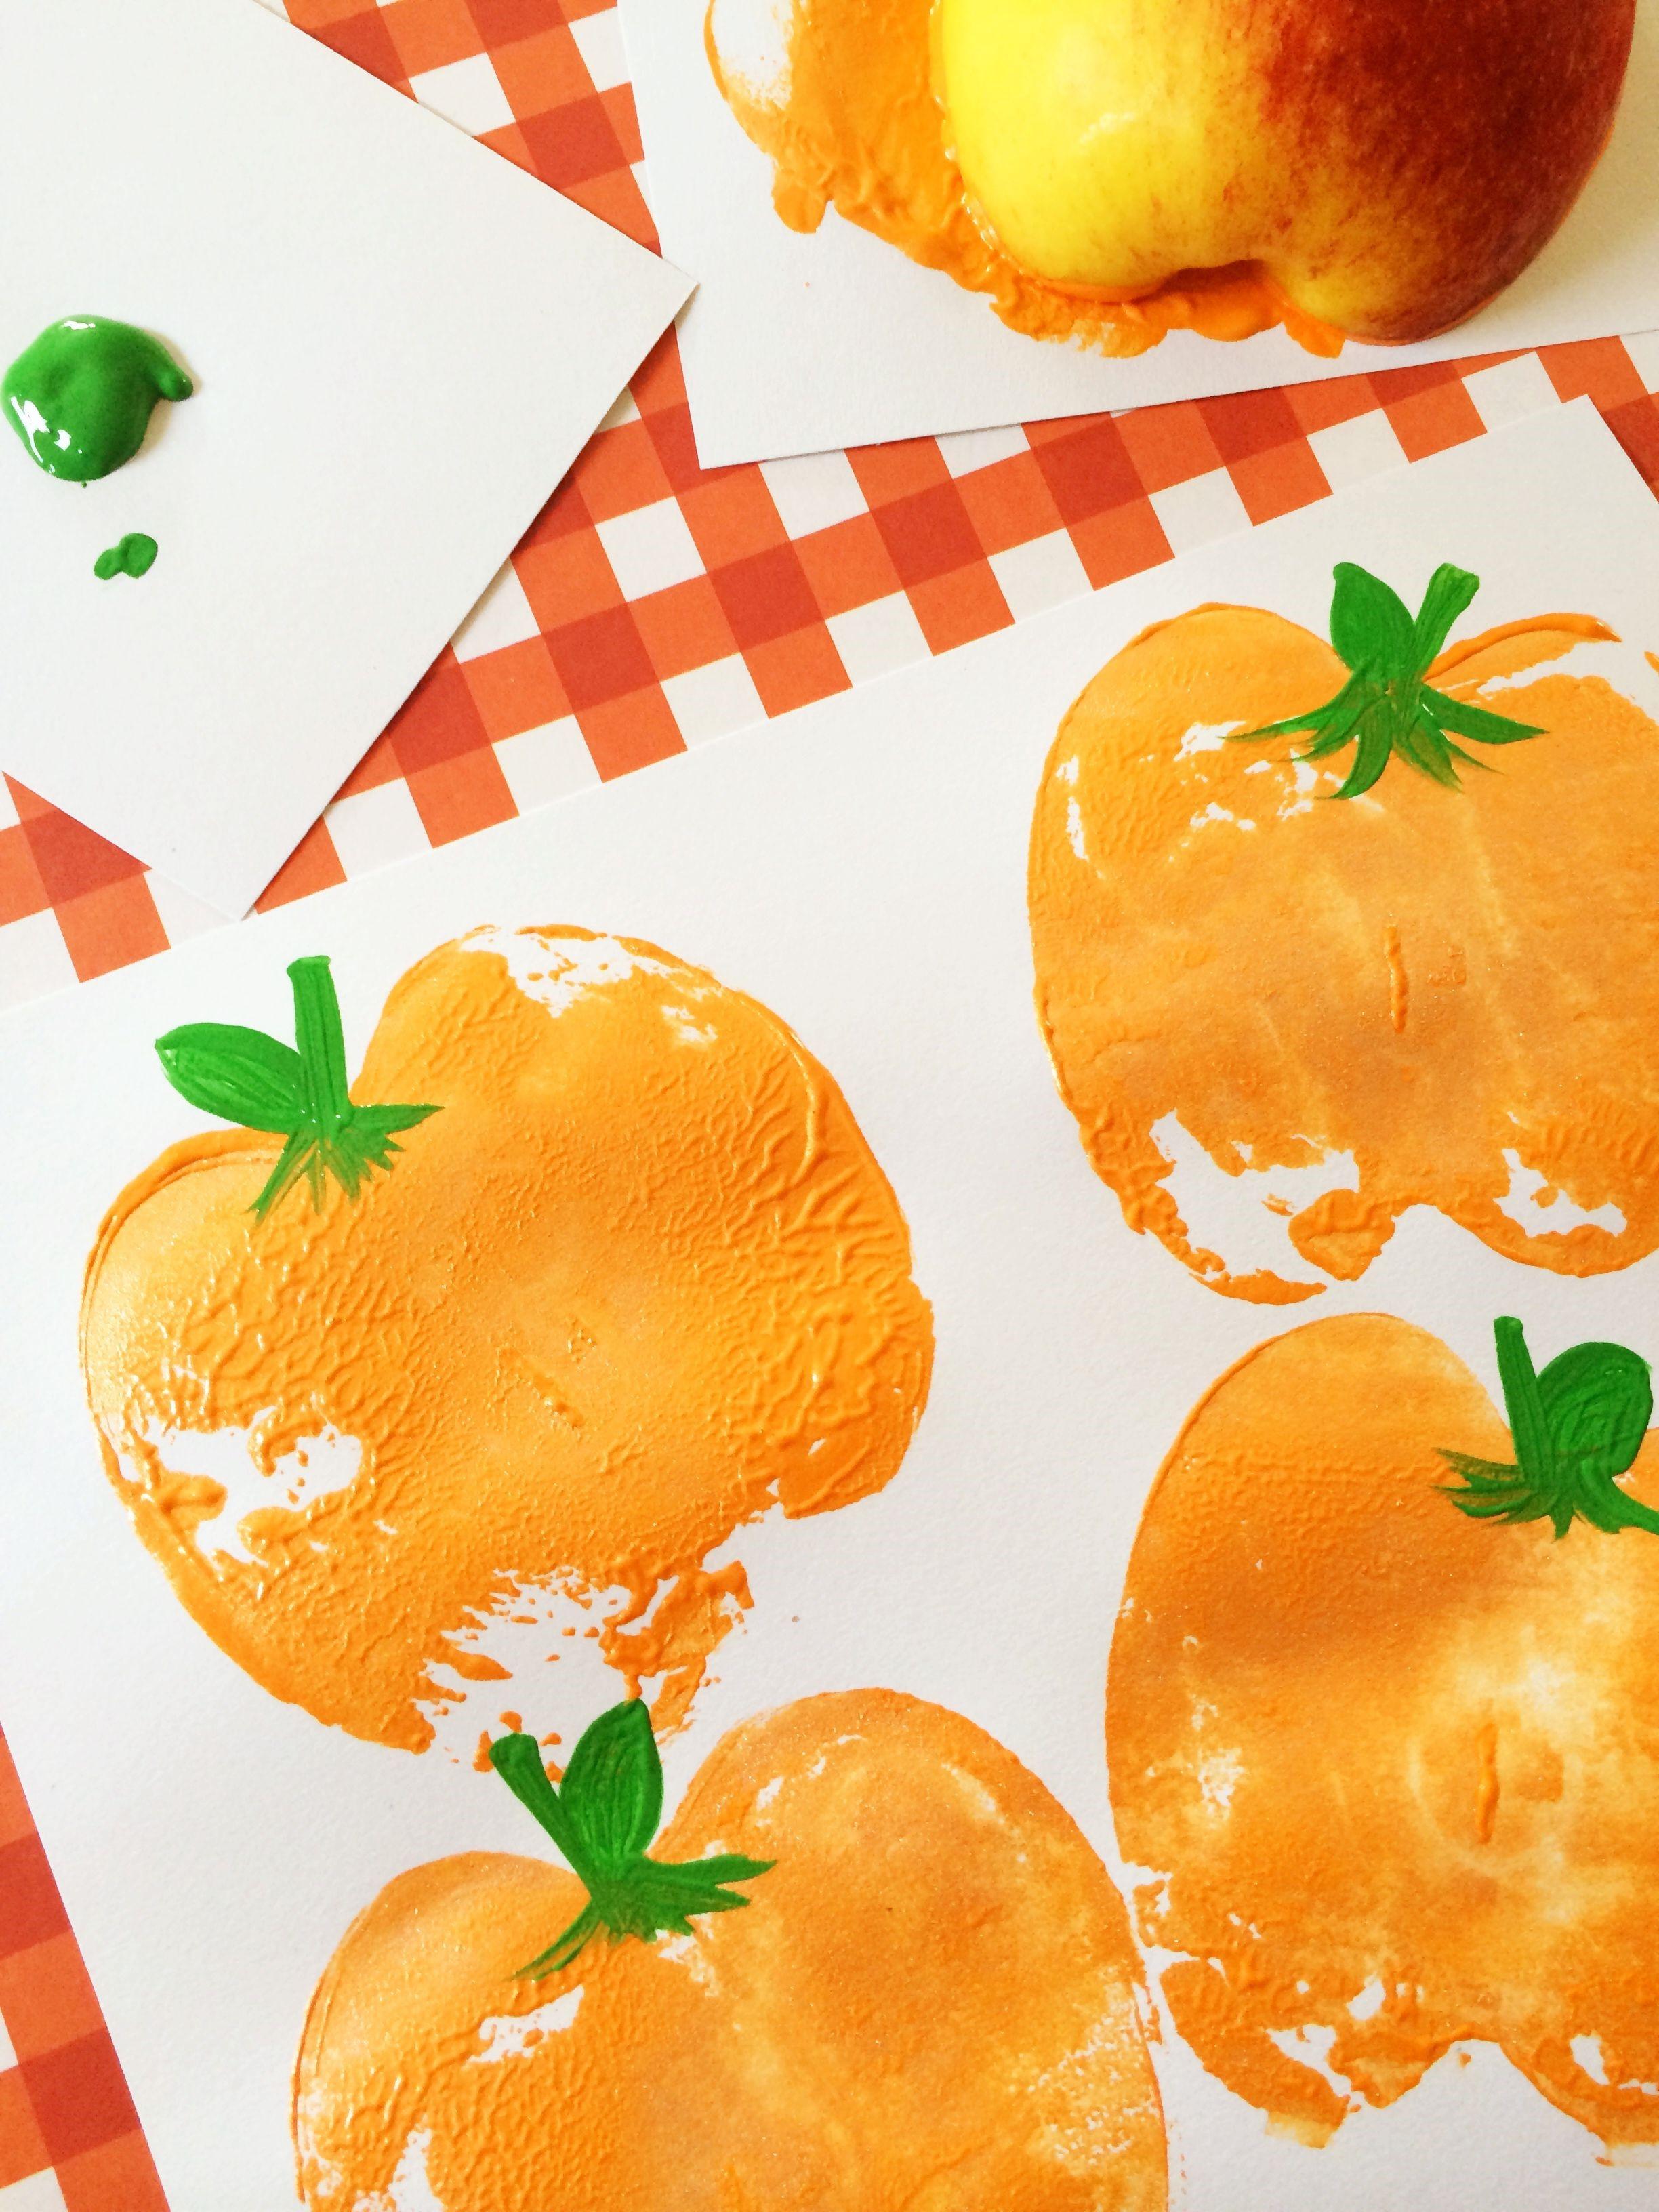 Bricolage d'Halloween pour les enfants de la maternelle: tampons de citrouille.